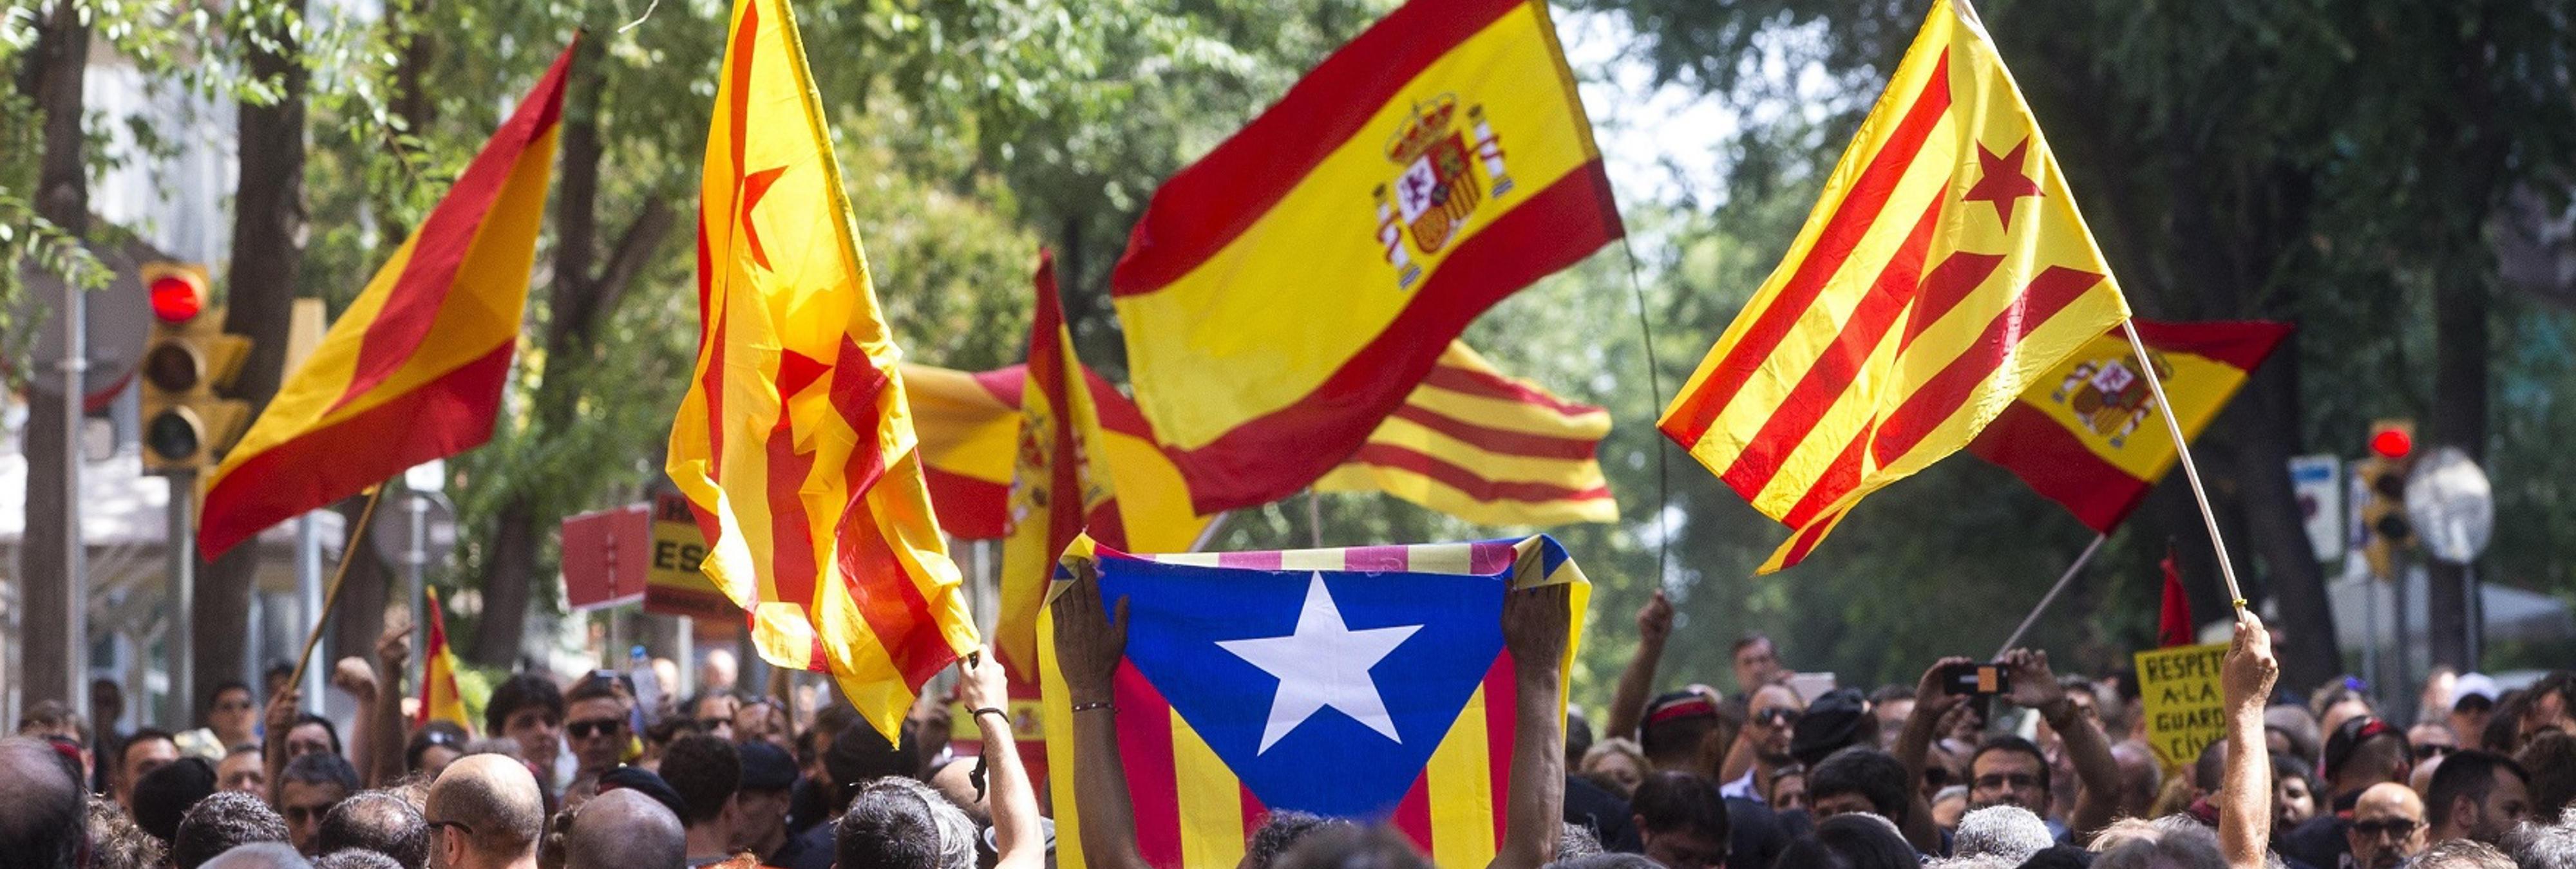 El Gobierno podría aplicar el Artículo 155 en Cataluña por el 1-O ...